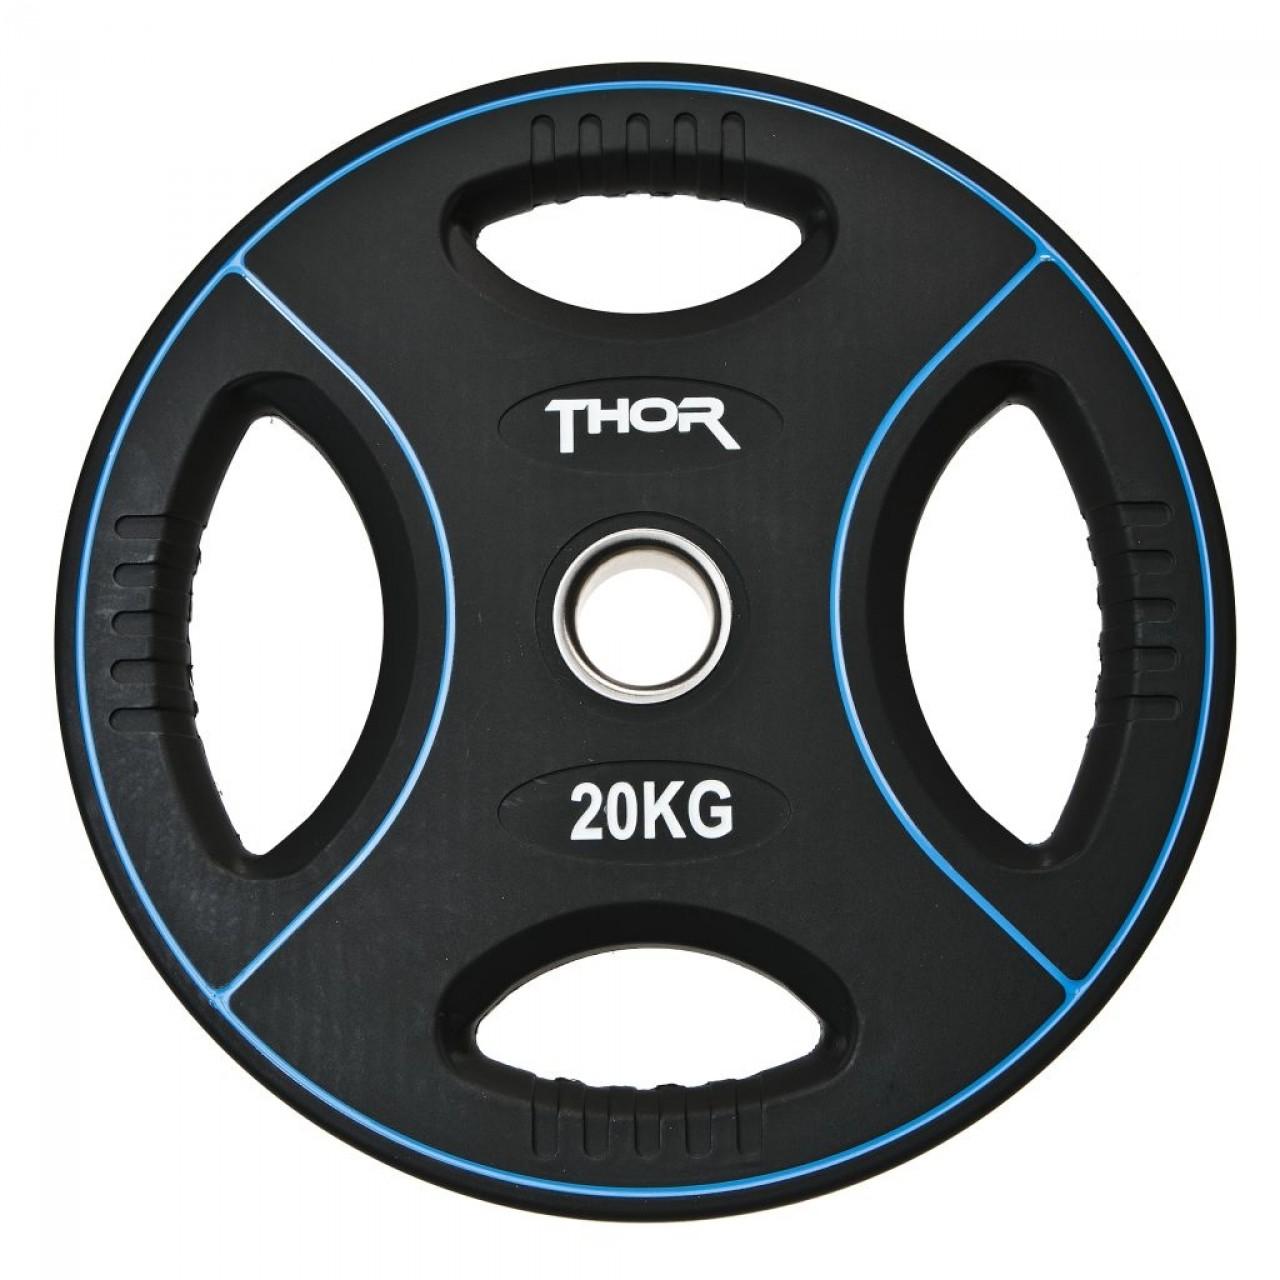 Thor Fitness Vægtskive m. Håndtag 20kg (1stk) - Thor Fitness